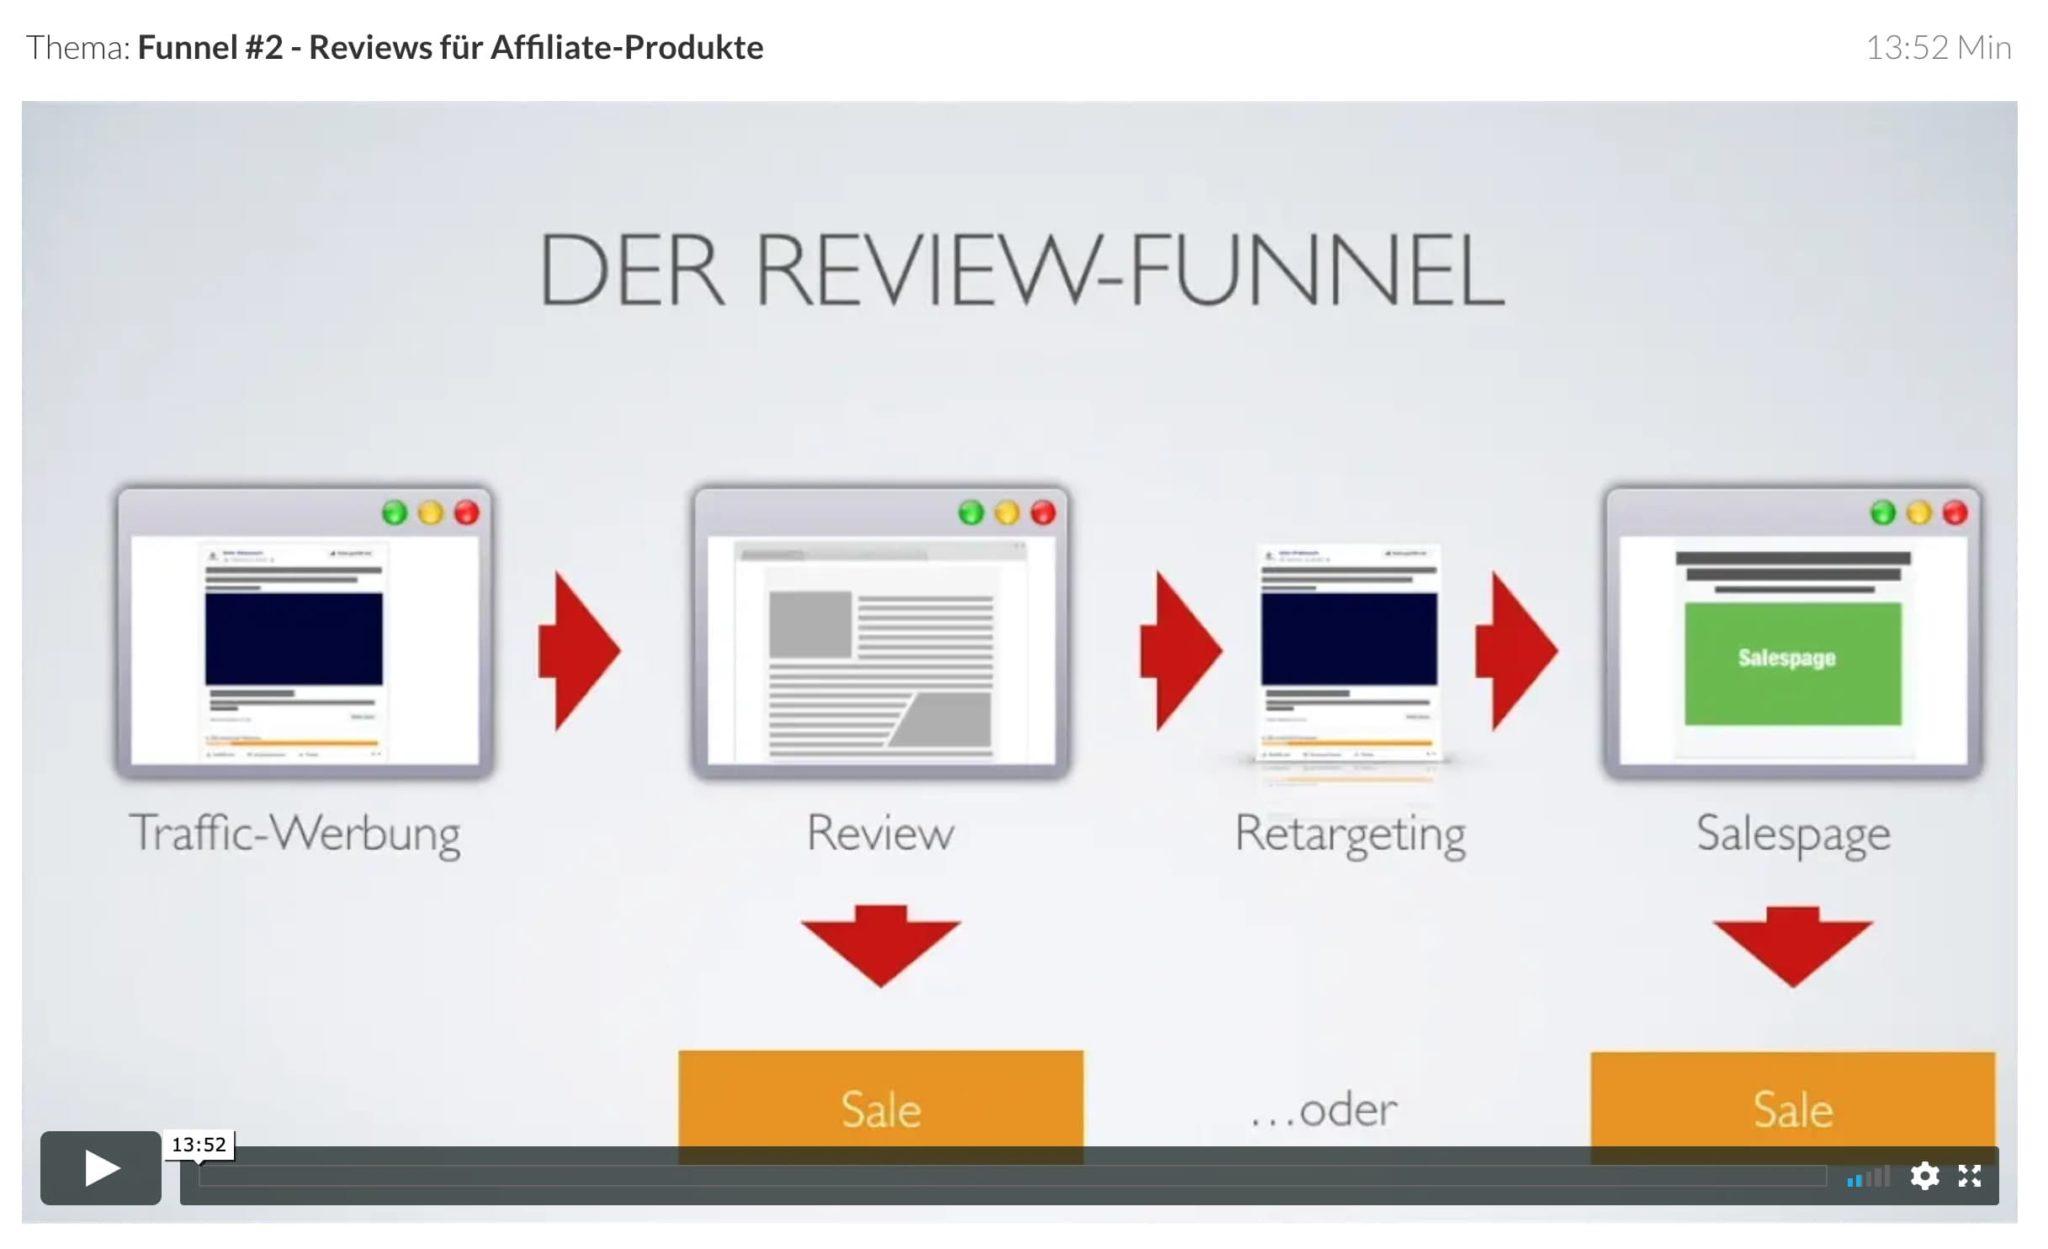 Funnel 2 - Reviews für Affiliate-Produkte